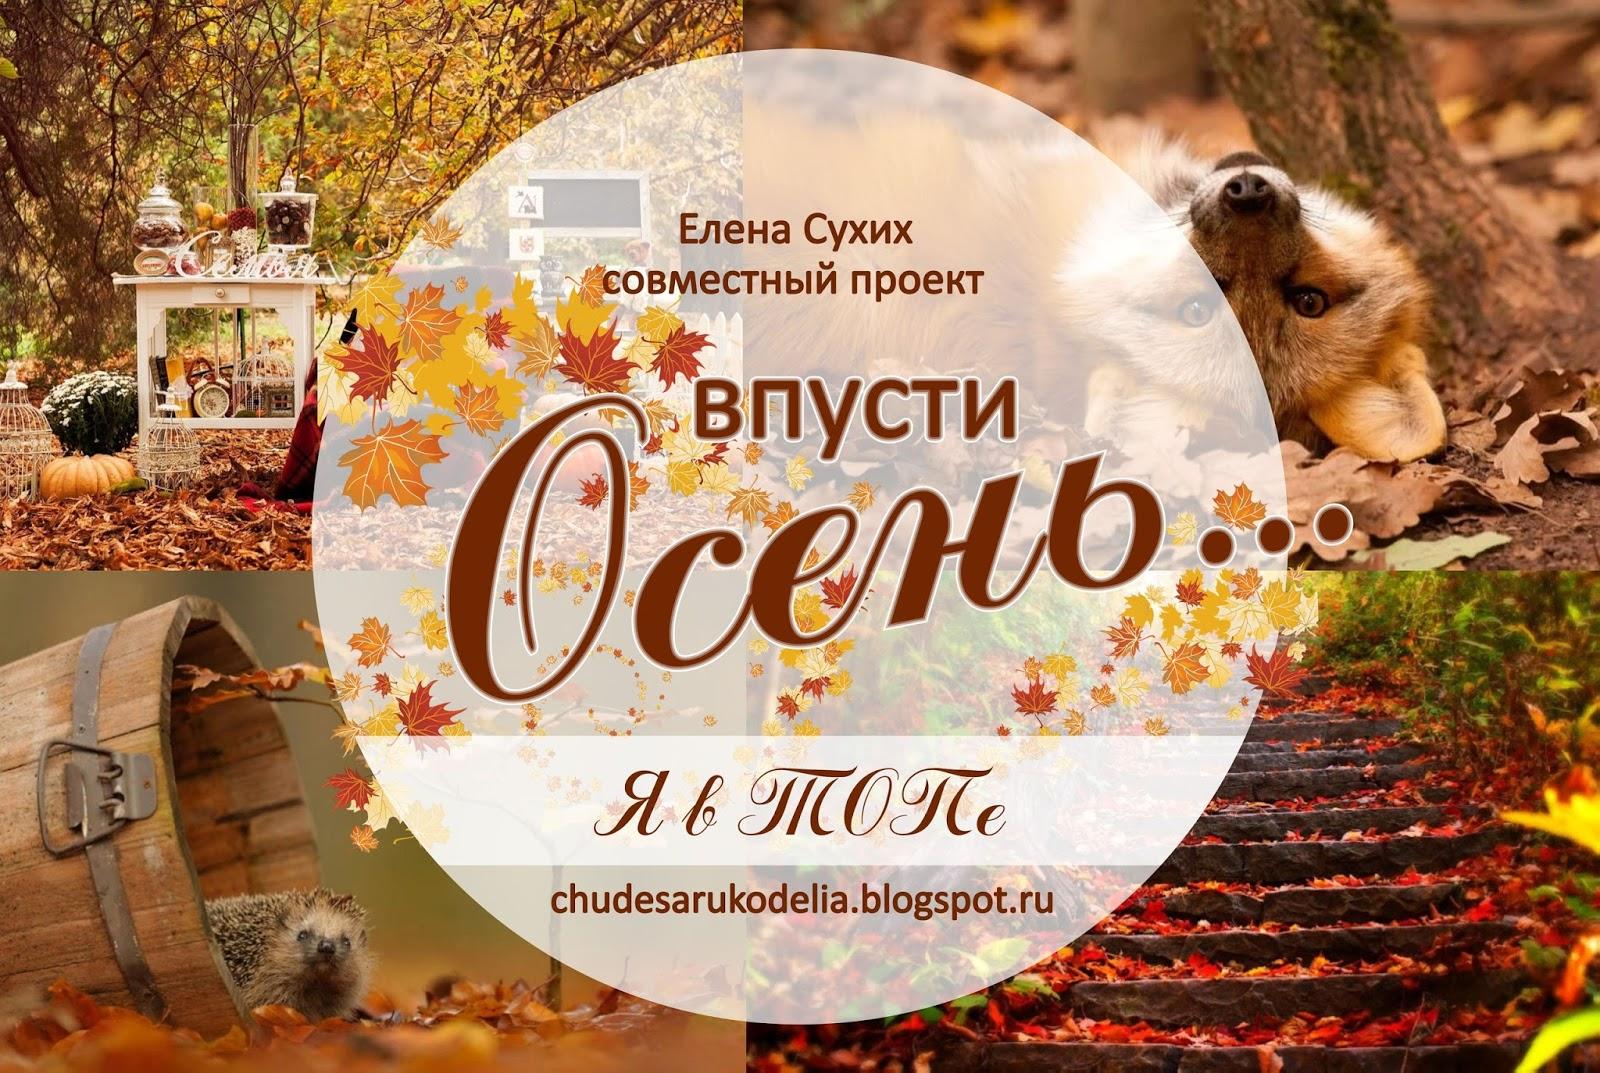 Я в топе))